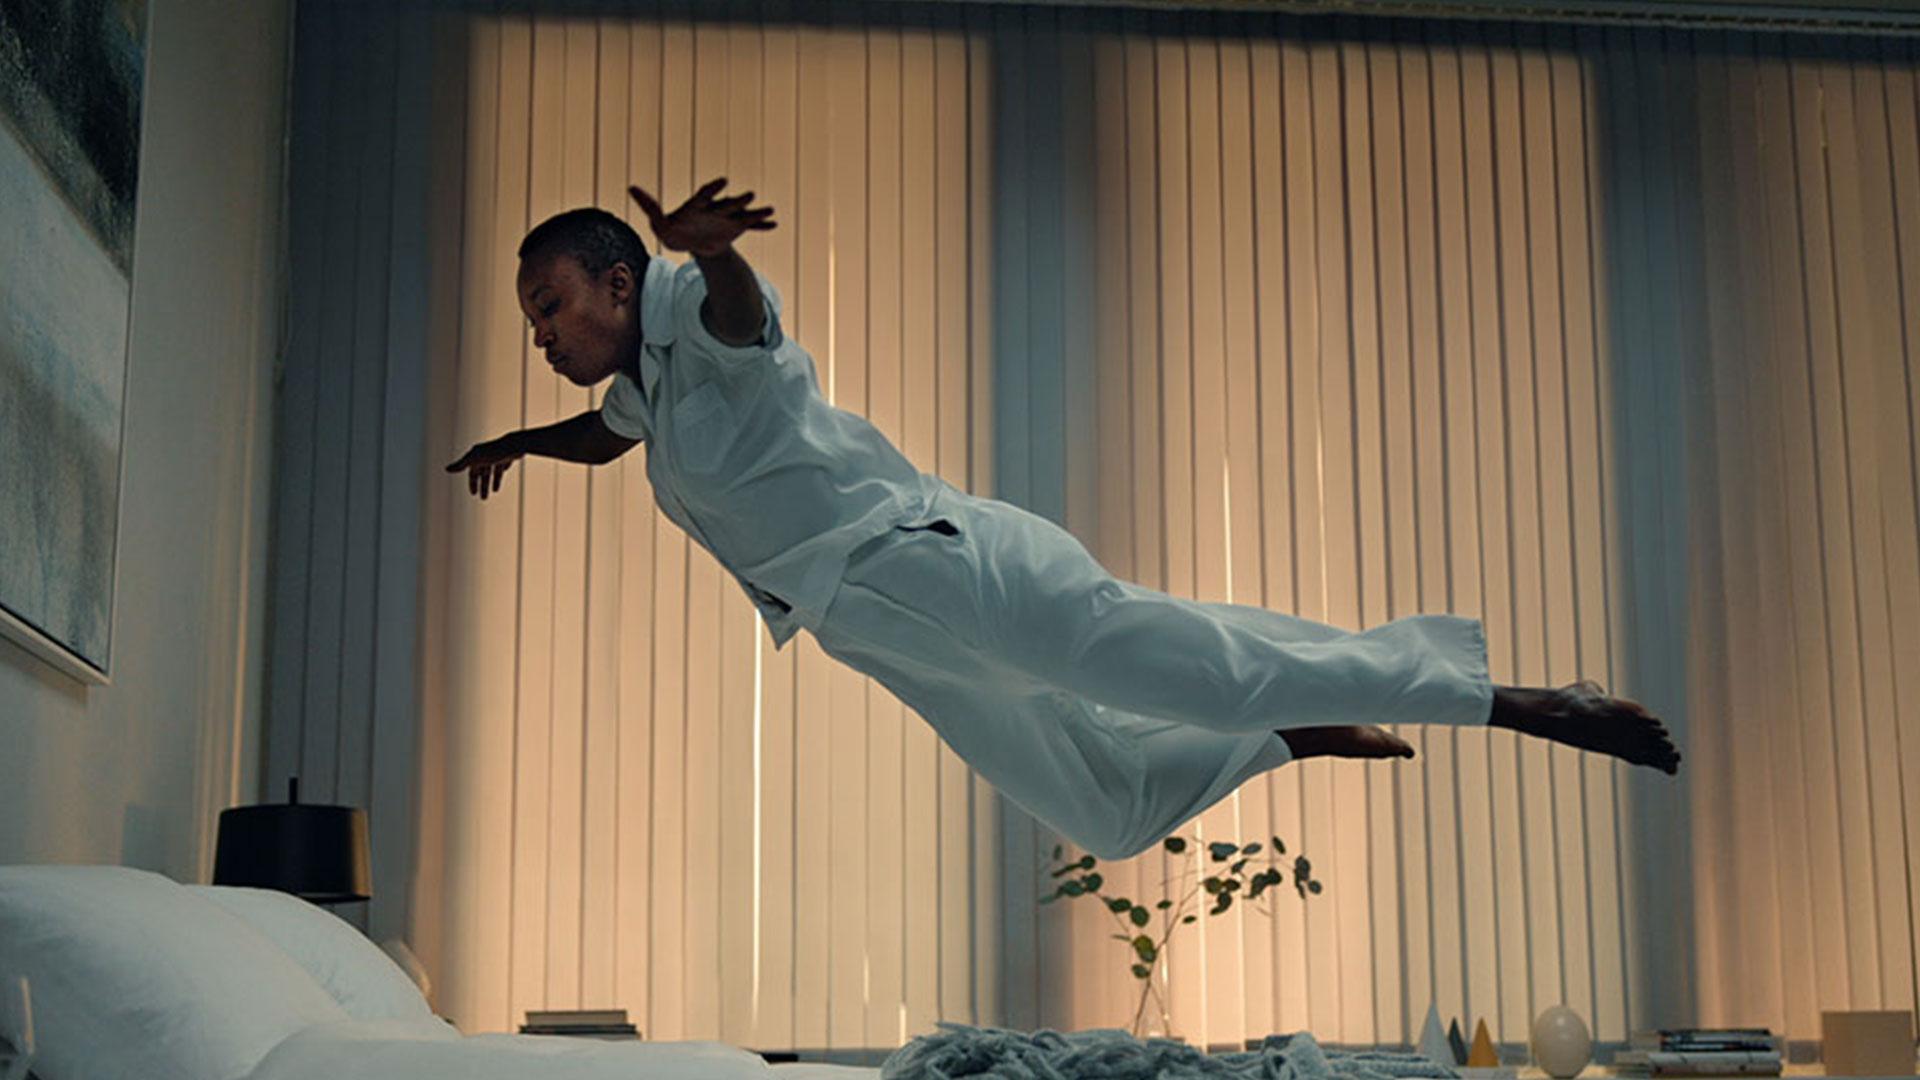 wall dance person air